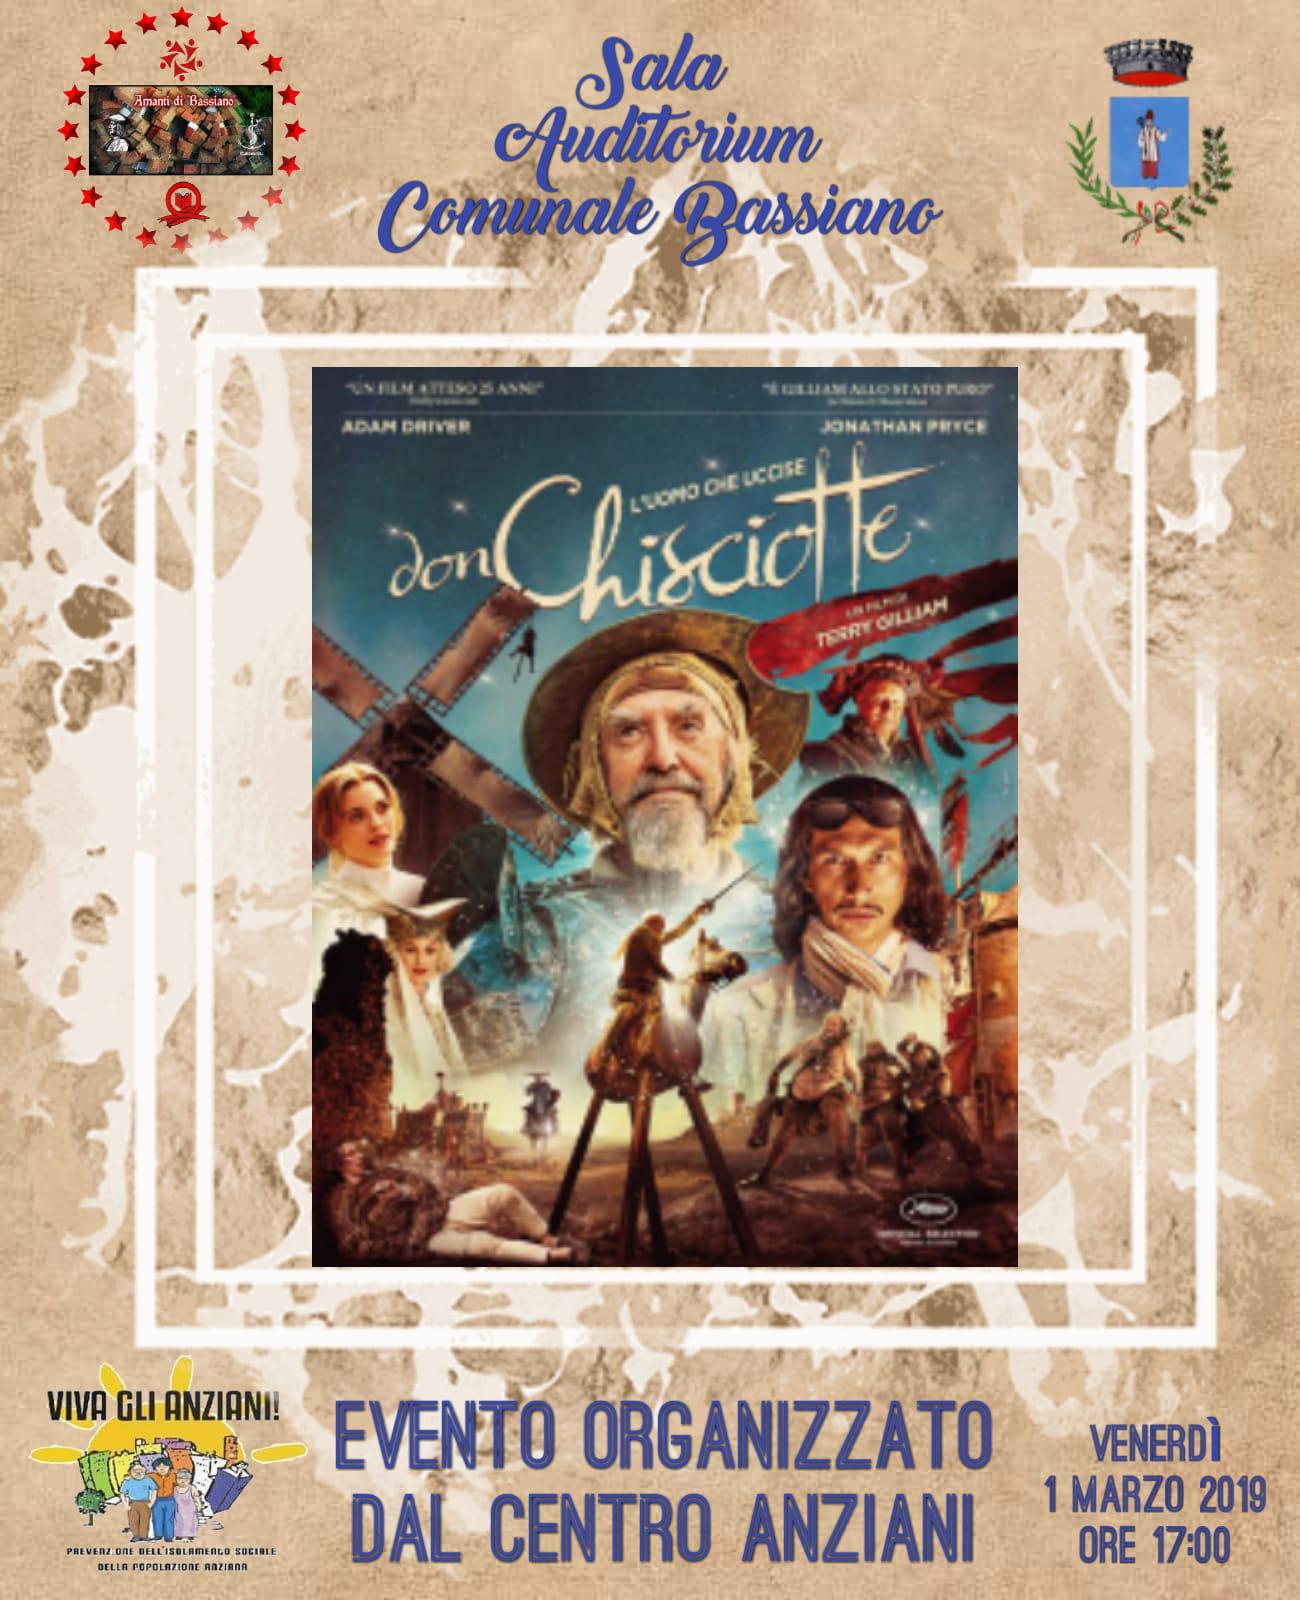 Bassiano: L'uomo che uccise Don Chisciotte @ Sala auditorium comunale | Bassiano | Lazio | Italia